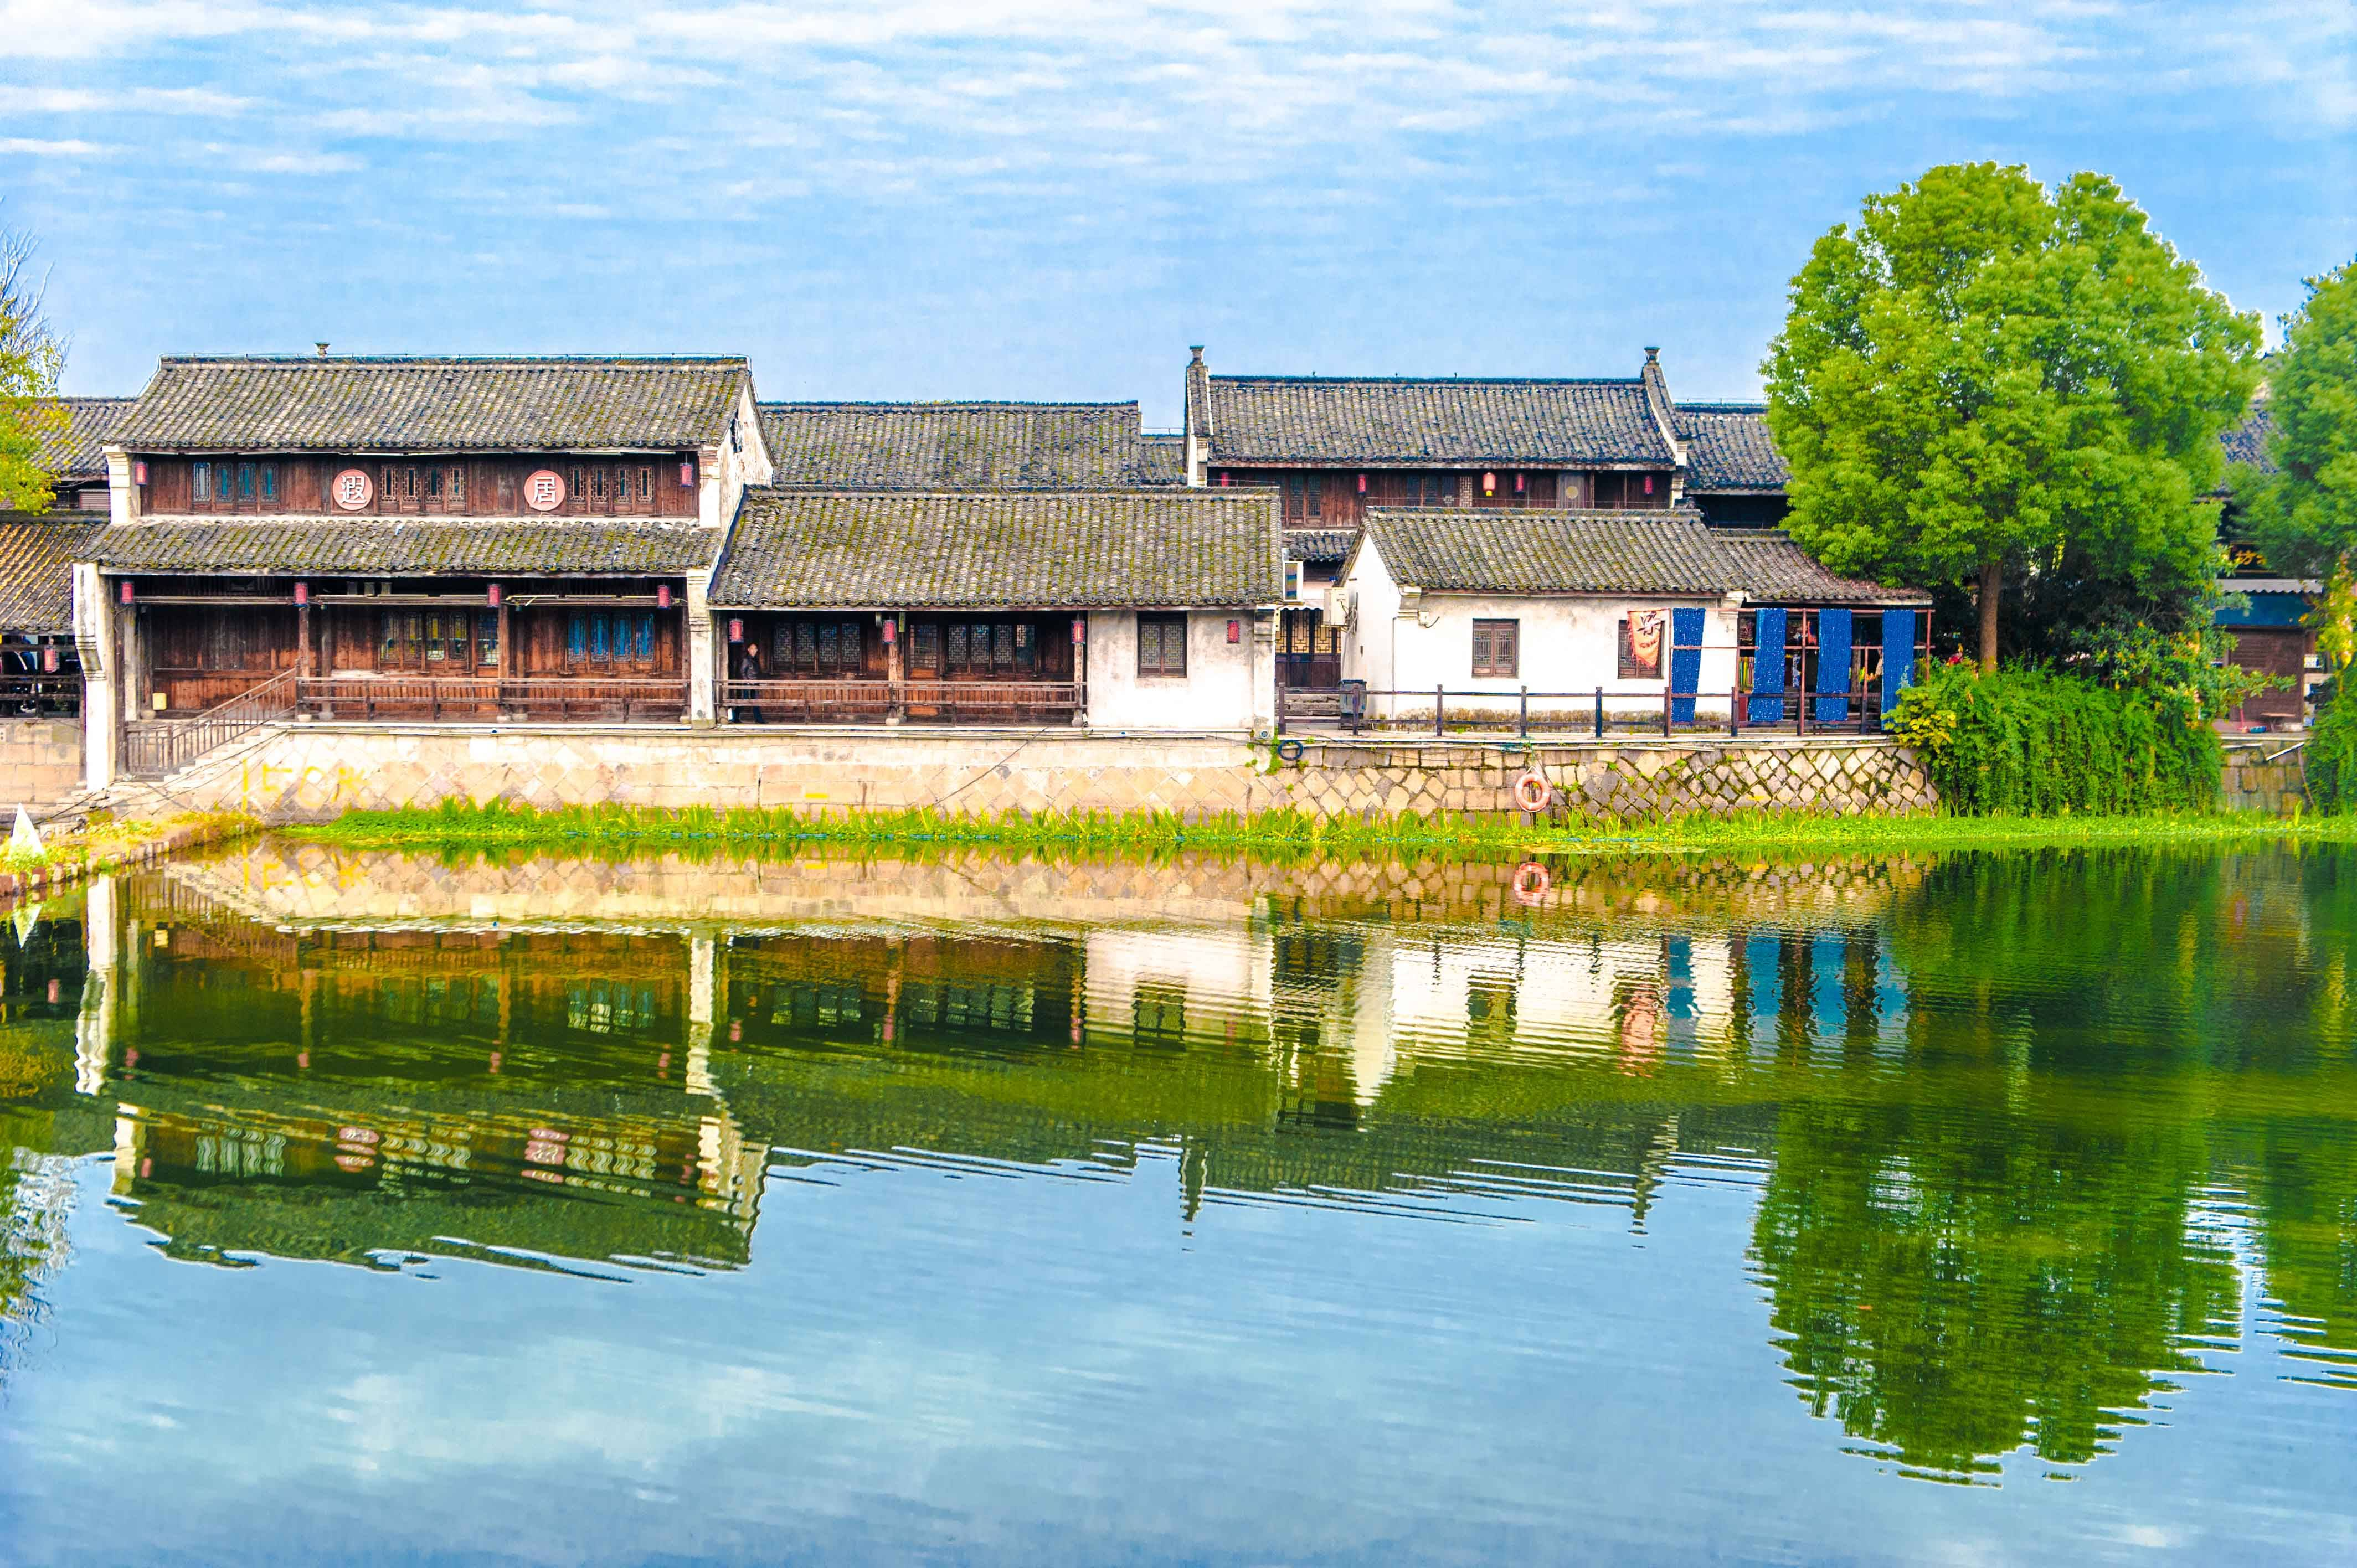 实拍江浙沪最纯真的古镇之一,这里有想象中的诗与远方,你想去吗